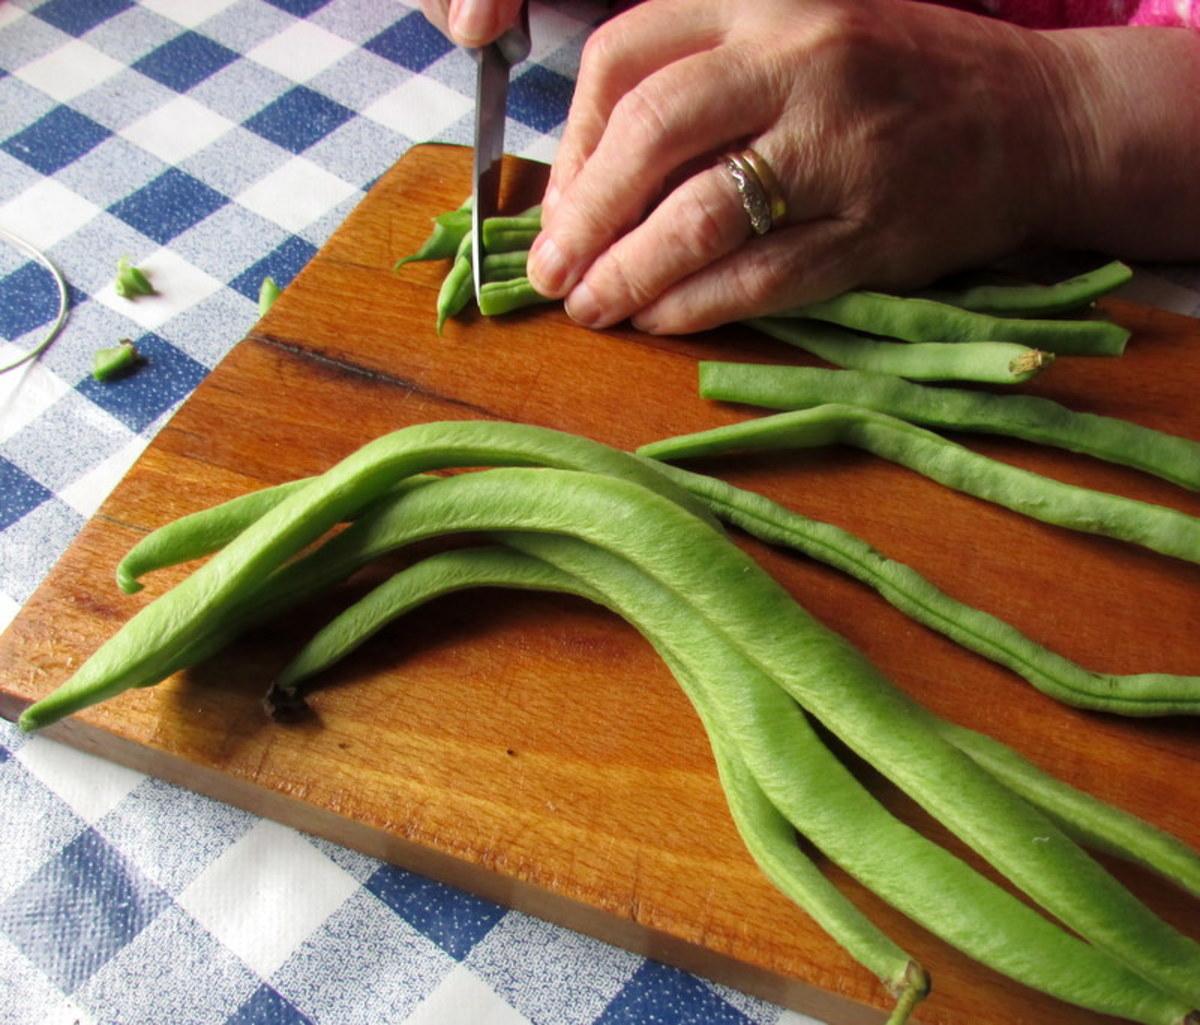 Preparing runner beans for freezing.